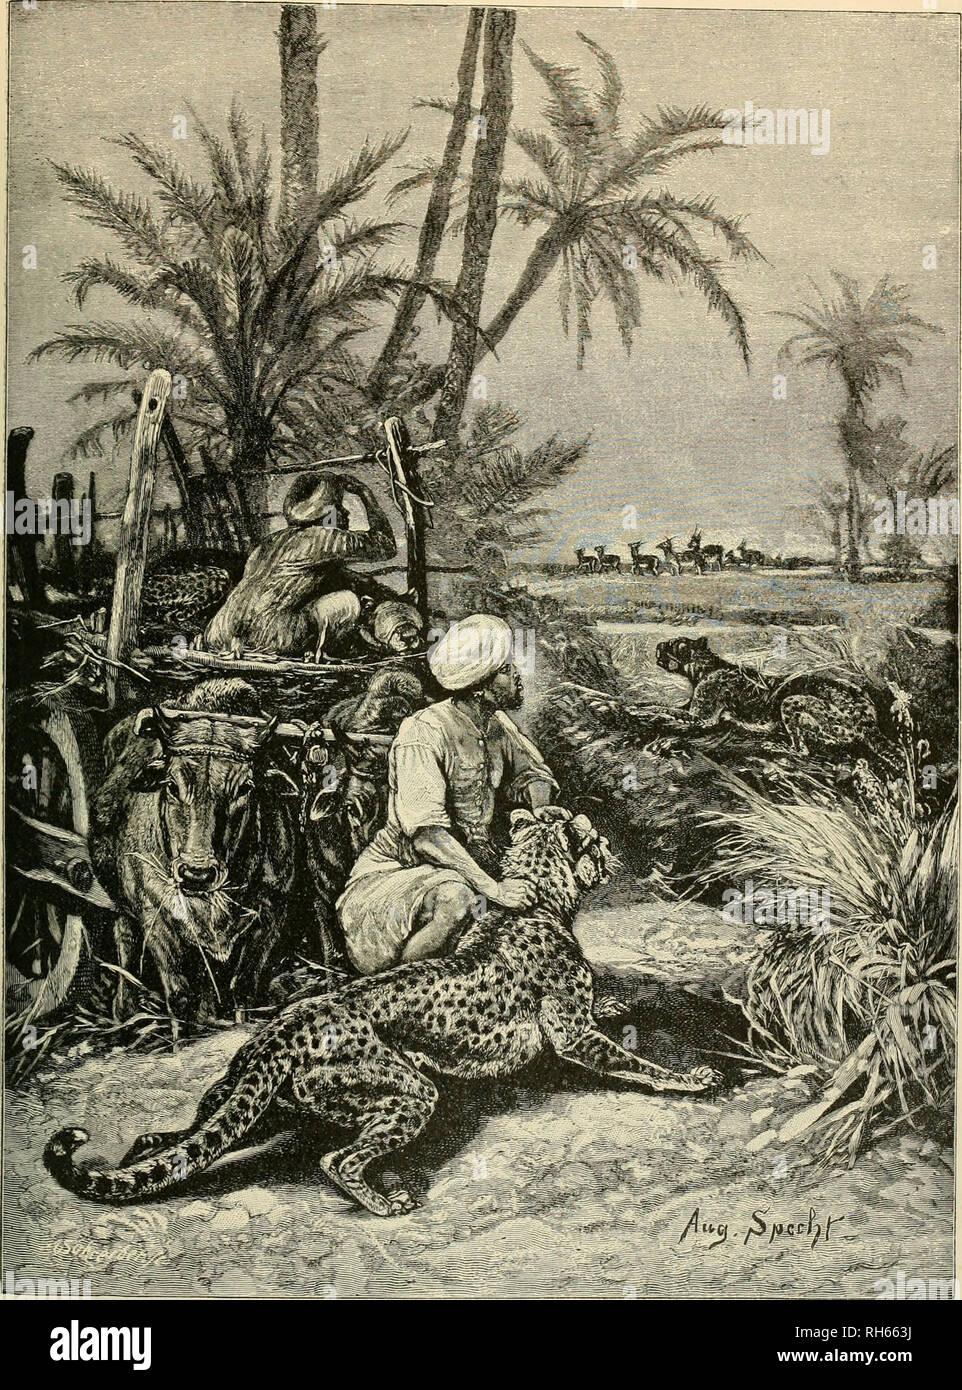 Cheetah Hunting India Stock Photos & Cheetah Hunting India